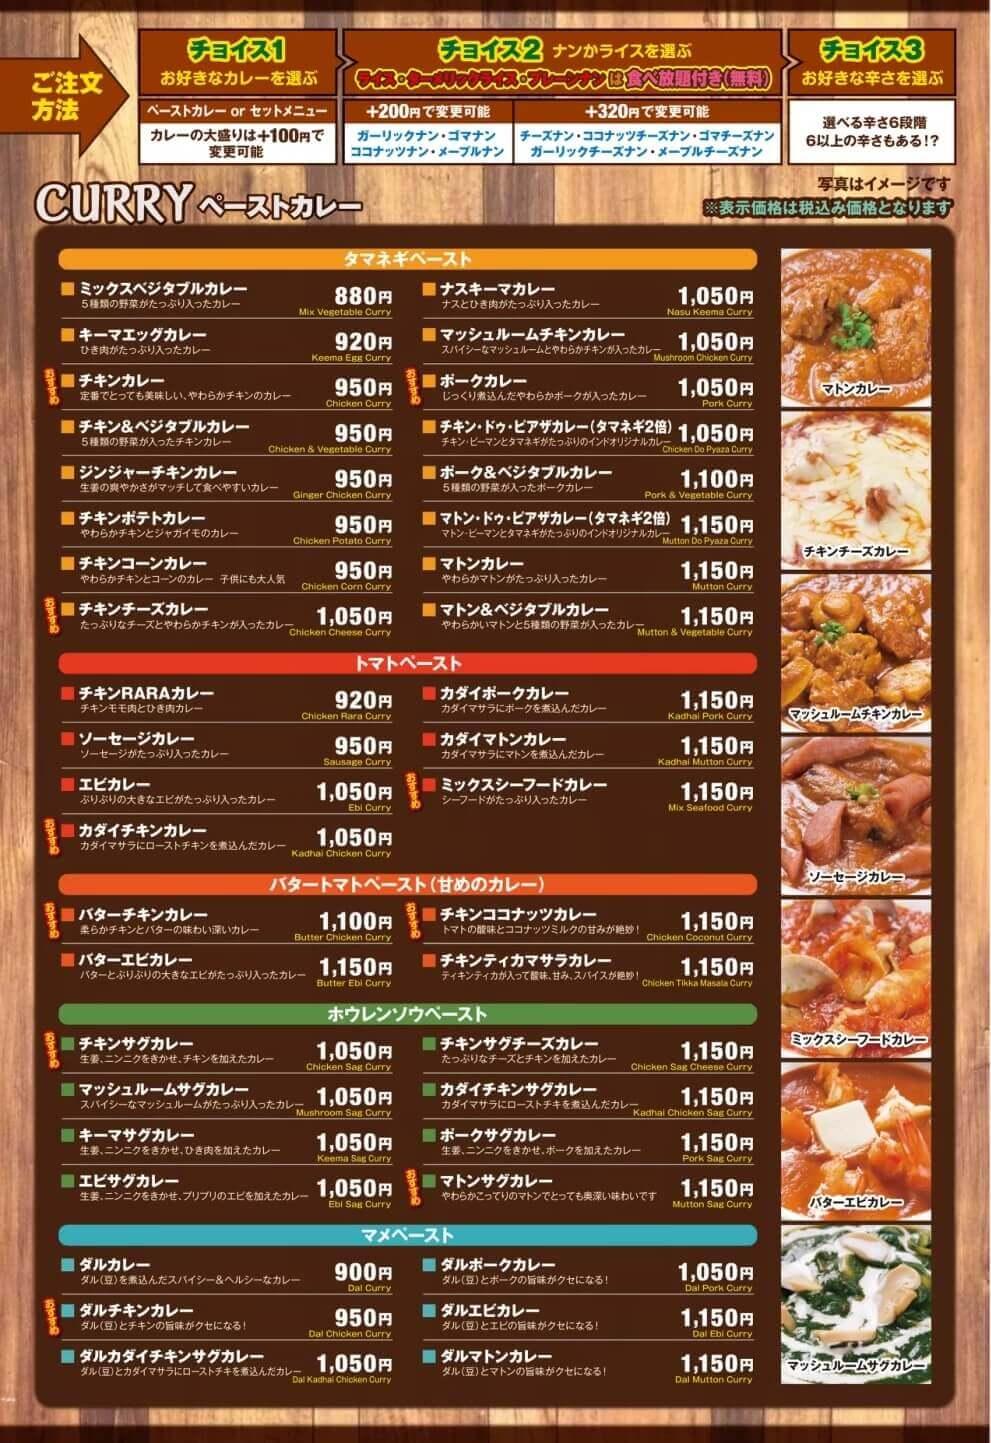 スパイスダイニングDIYO(ディヨ) 手稲山口店のメニュー